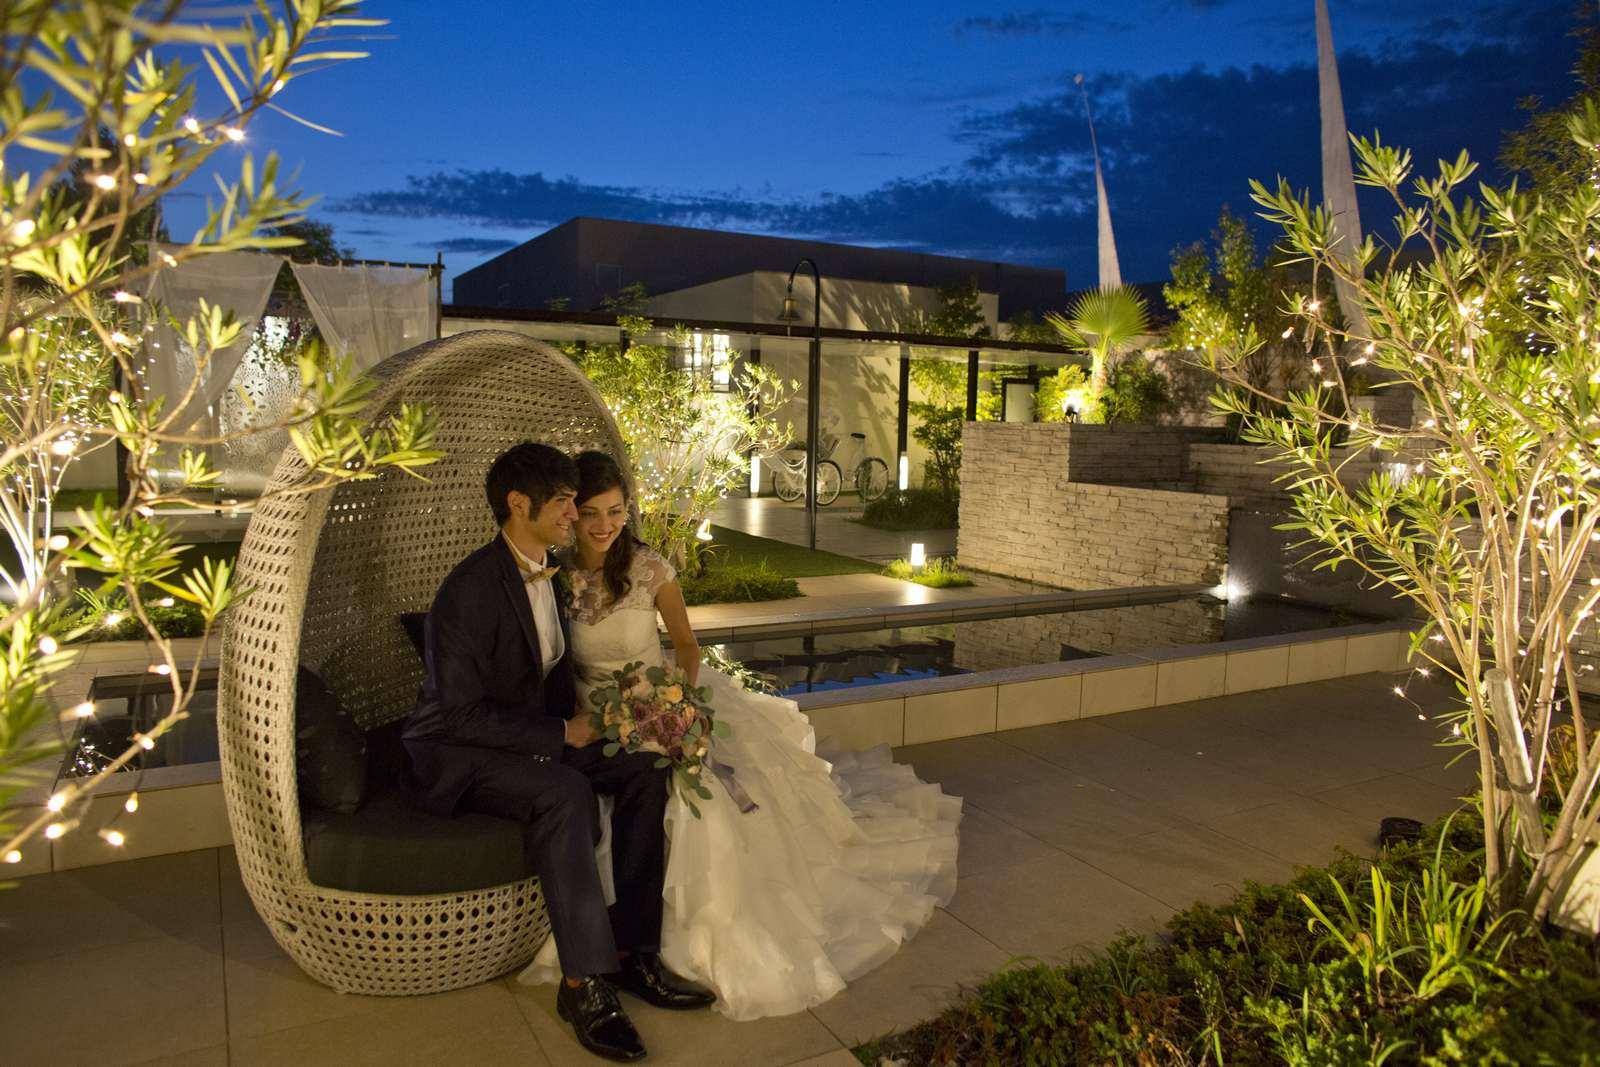 高松市の結婚式場アイルバレクラブのガーデンイメージ